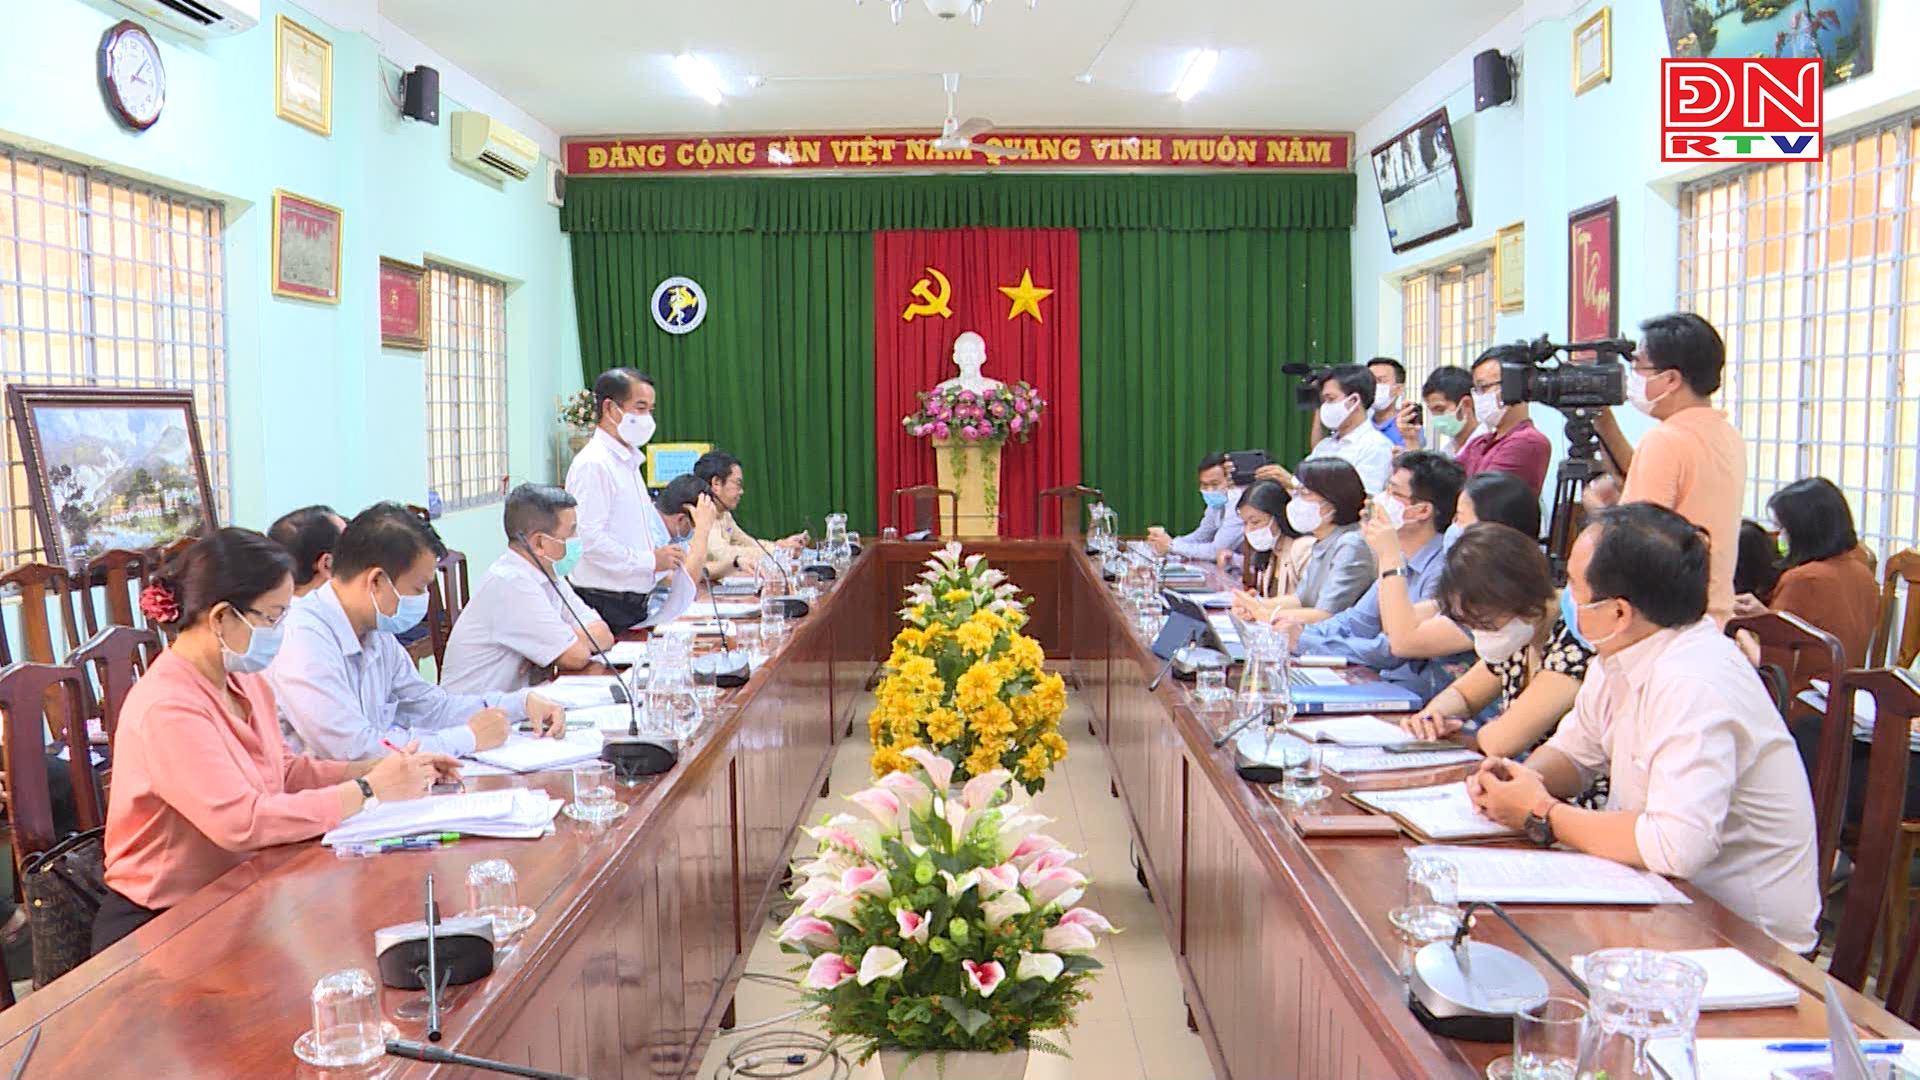 Bộ Y tế kiểm tra công tác phòng chống dịch Covid-19 tại Đồng Nai